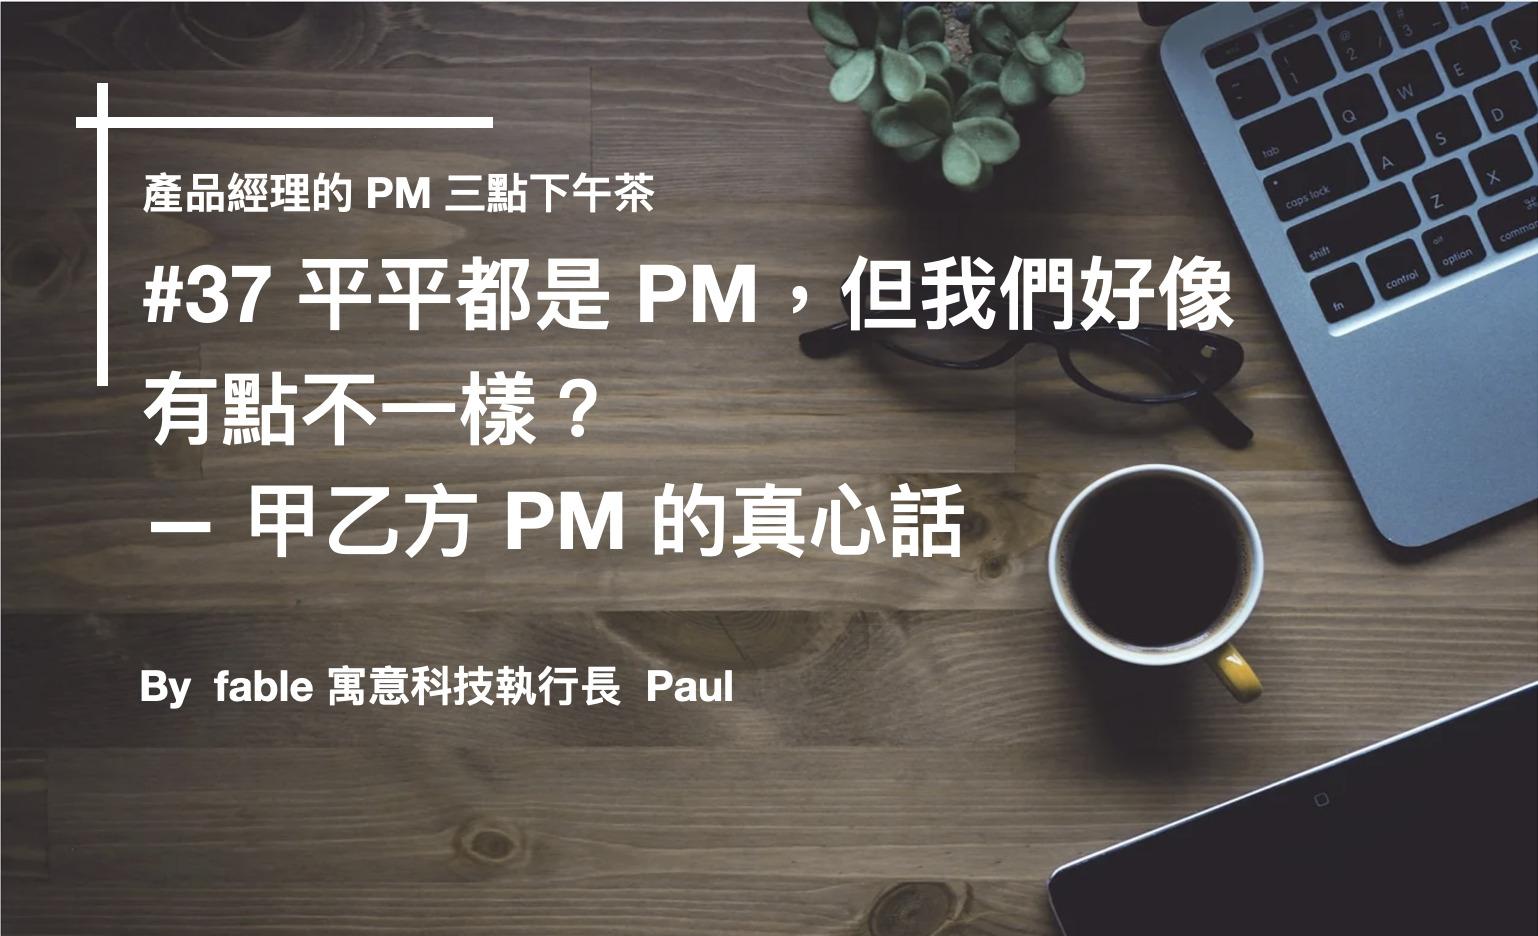 平平是 PM,但我們好像有點不一樣?-- 甲乙方 PM 的真心話